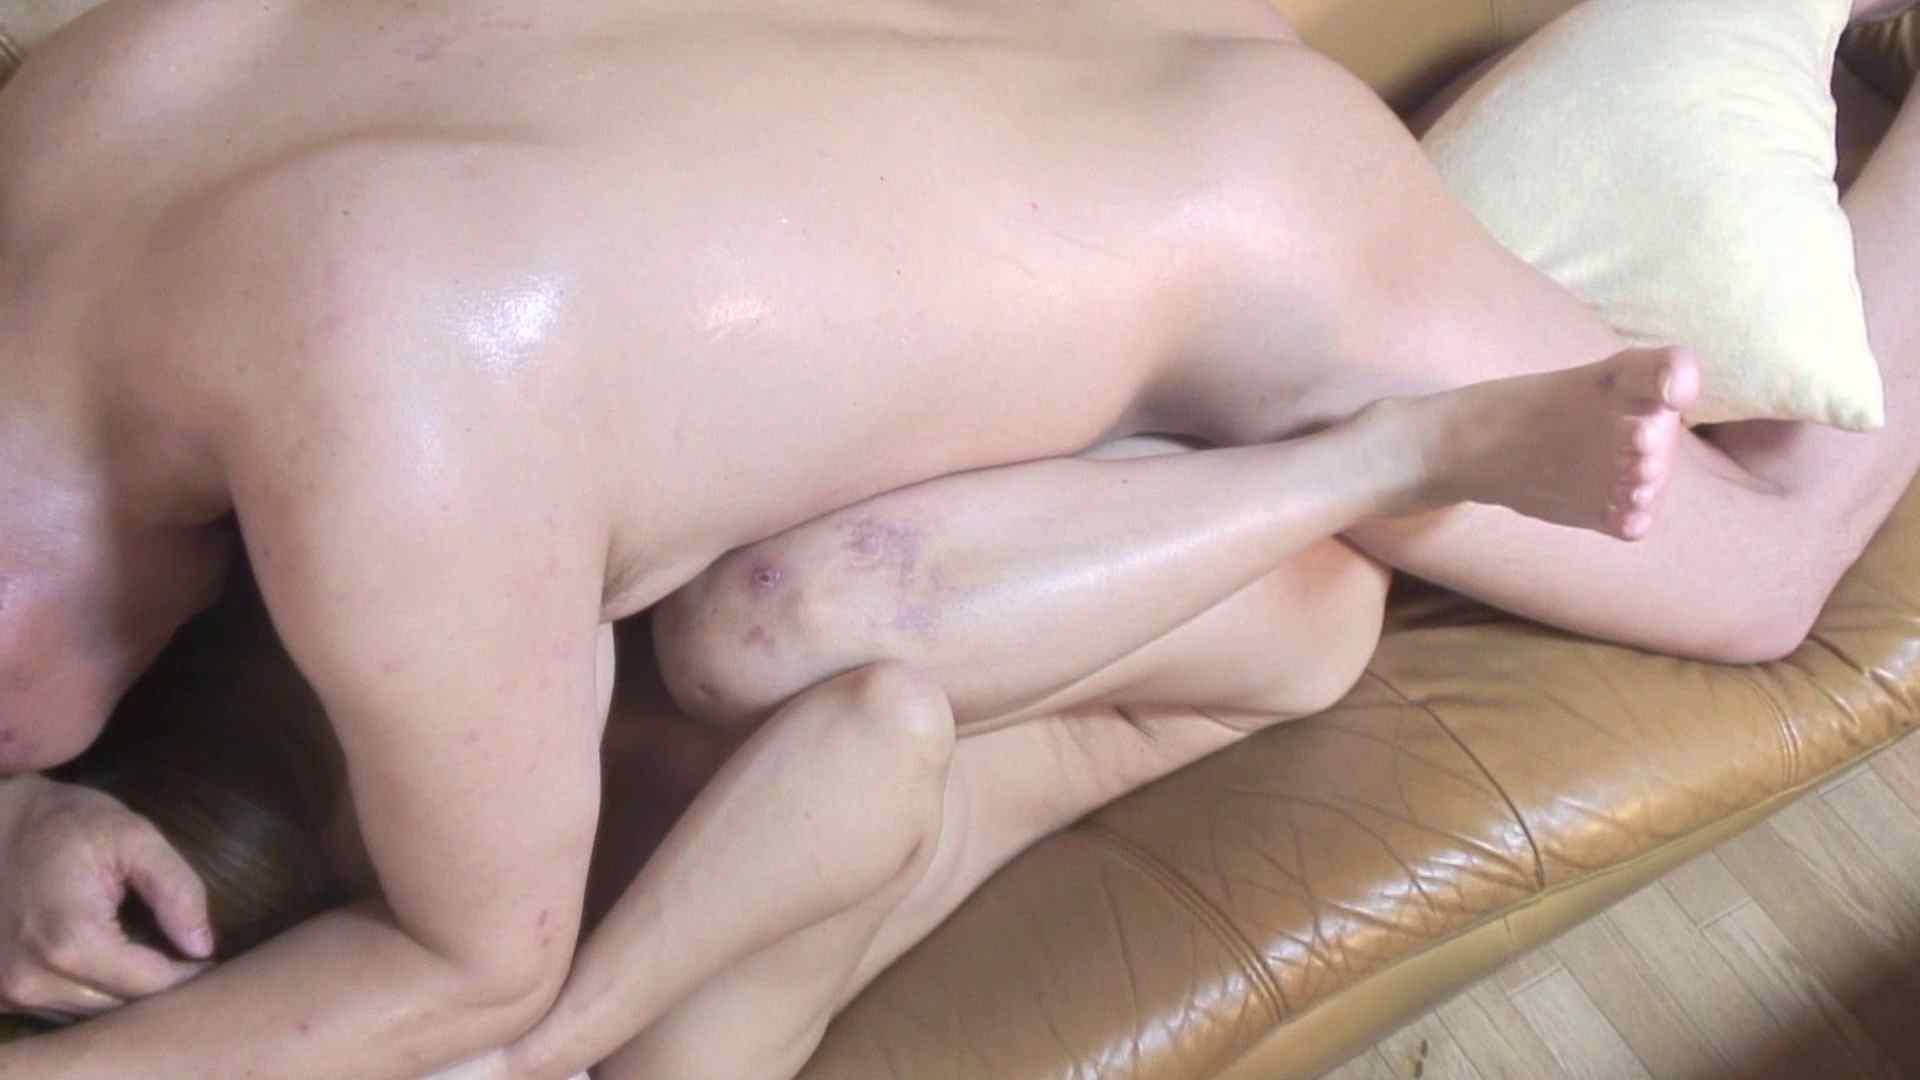 鬼才沖本監督 脱肛に悶絶する女 終章 お姉さんのSEX セックス画像 77枚 50